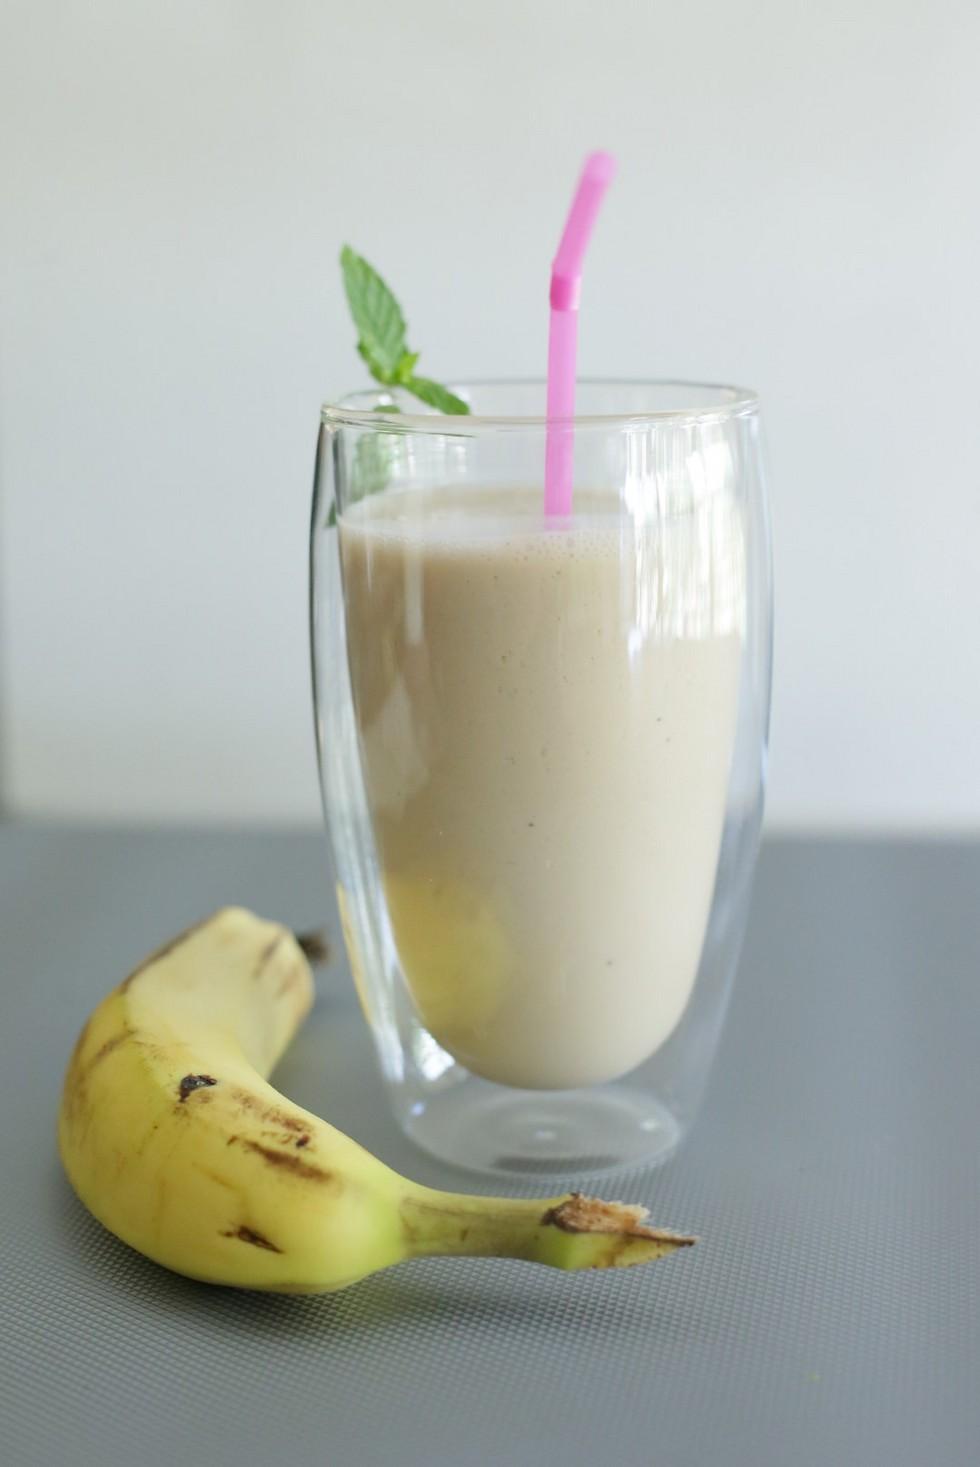 בננה, לא רק בפנקייק (צילום: ירון ברנר)